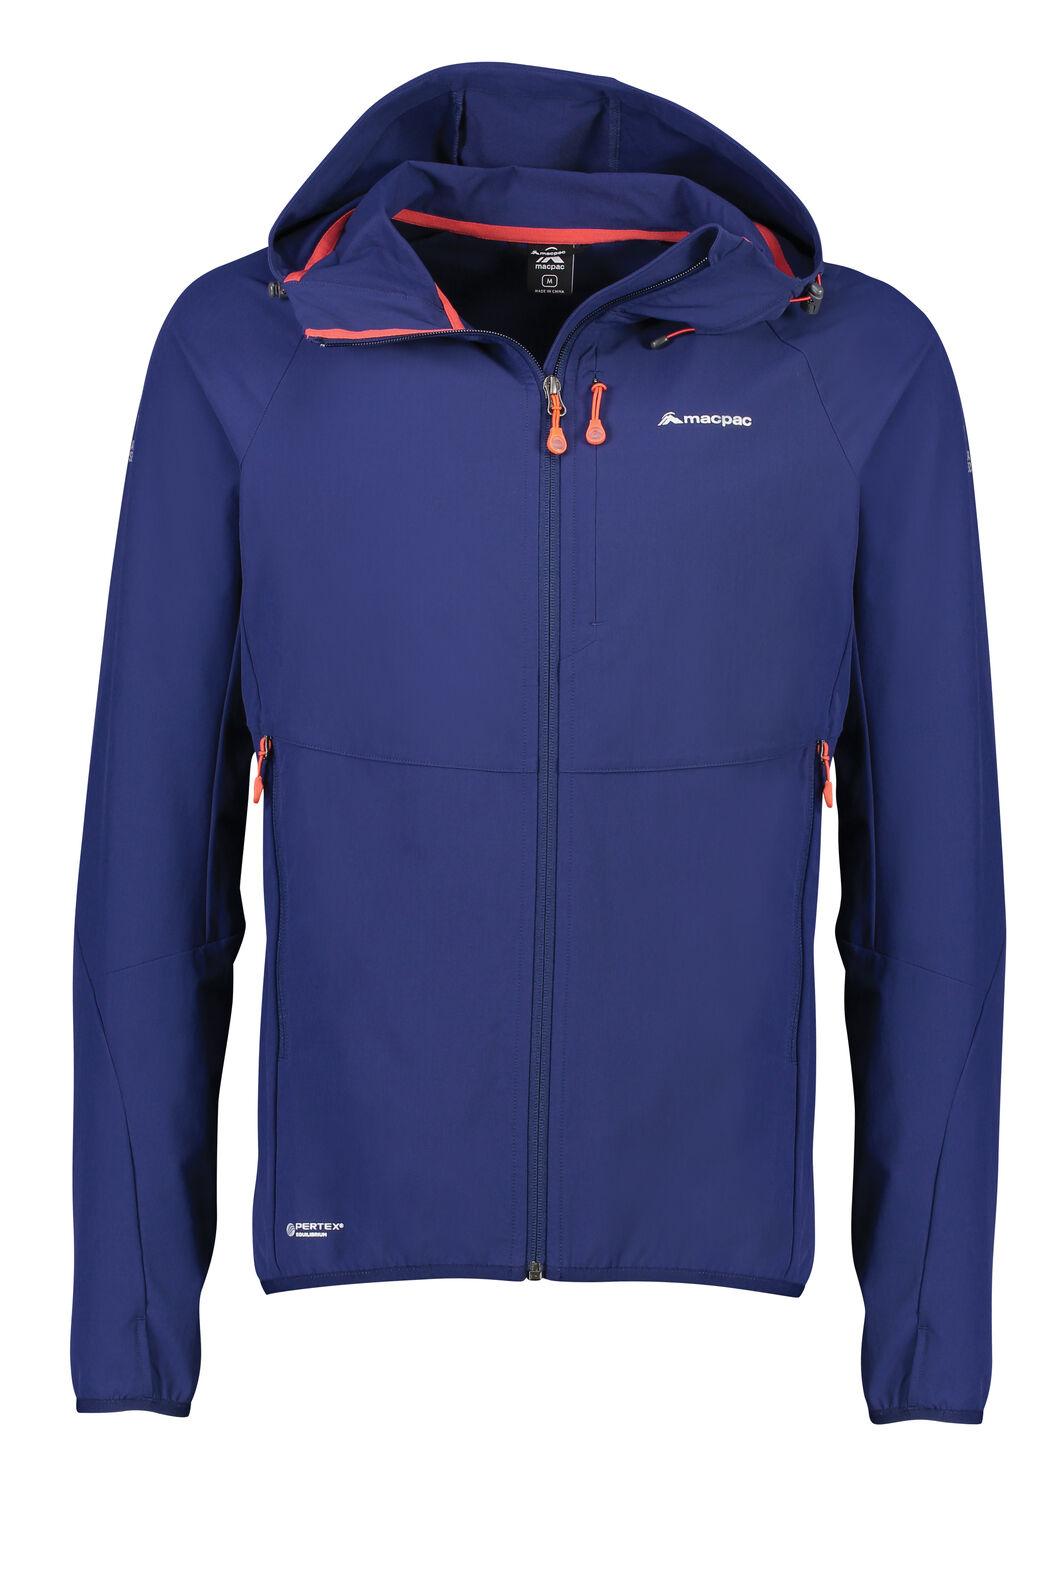 Macpac Mannering Pertex® Hooded Jacket — Men's, Medieval Blue, hi-res